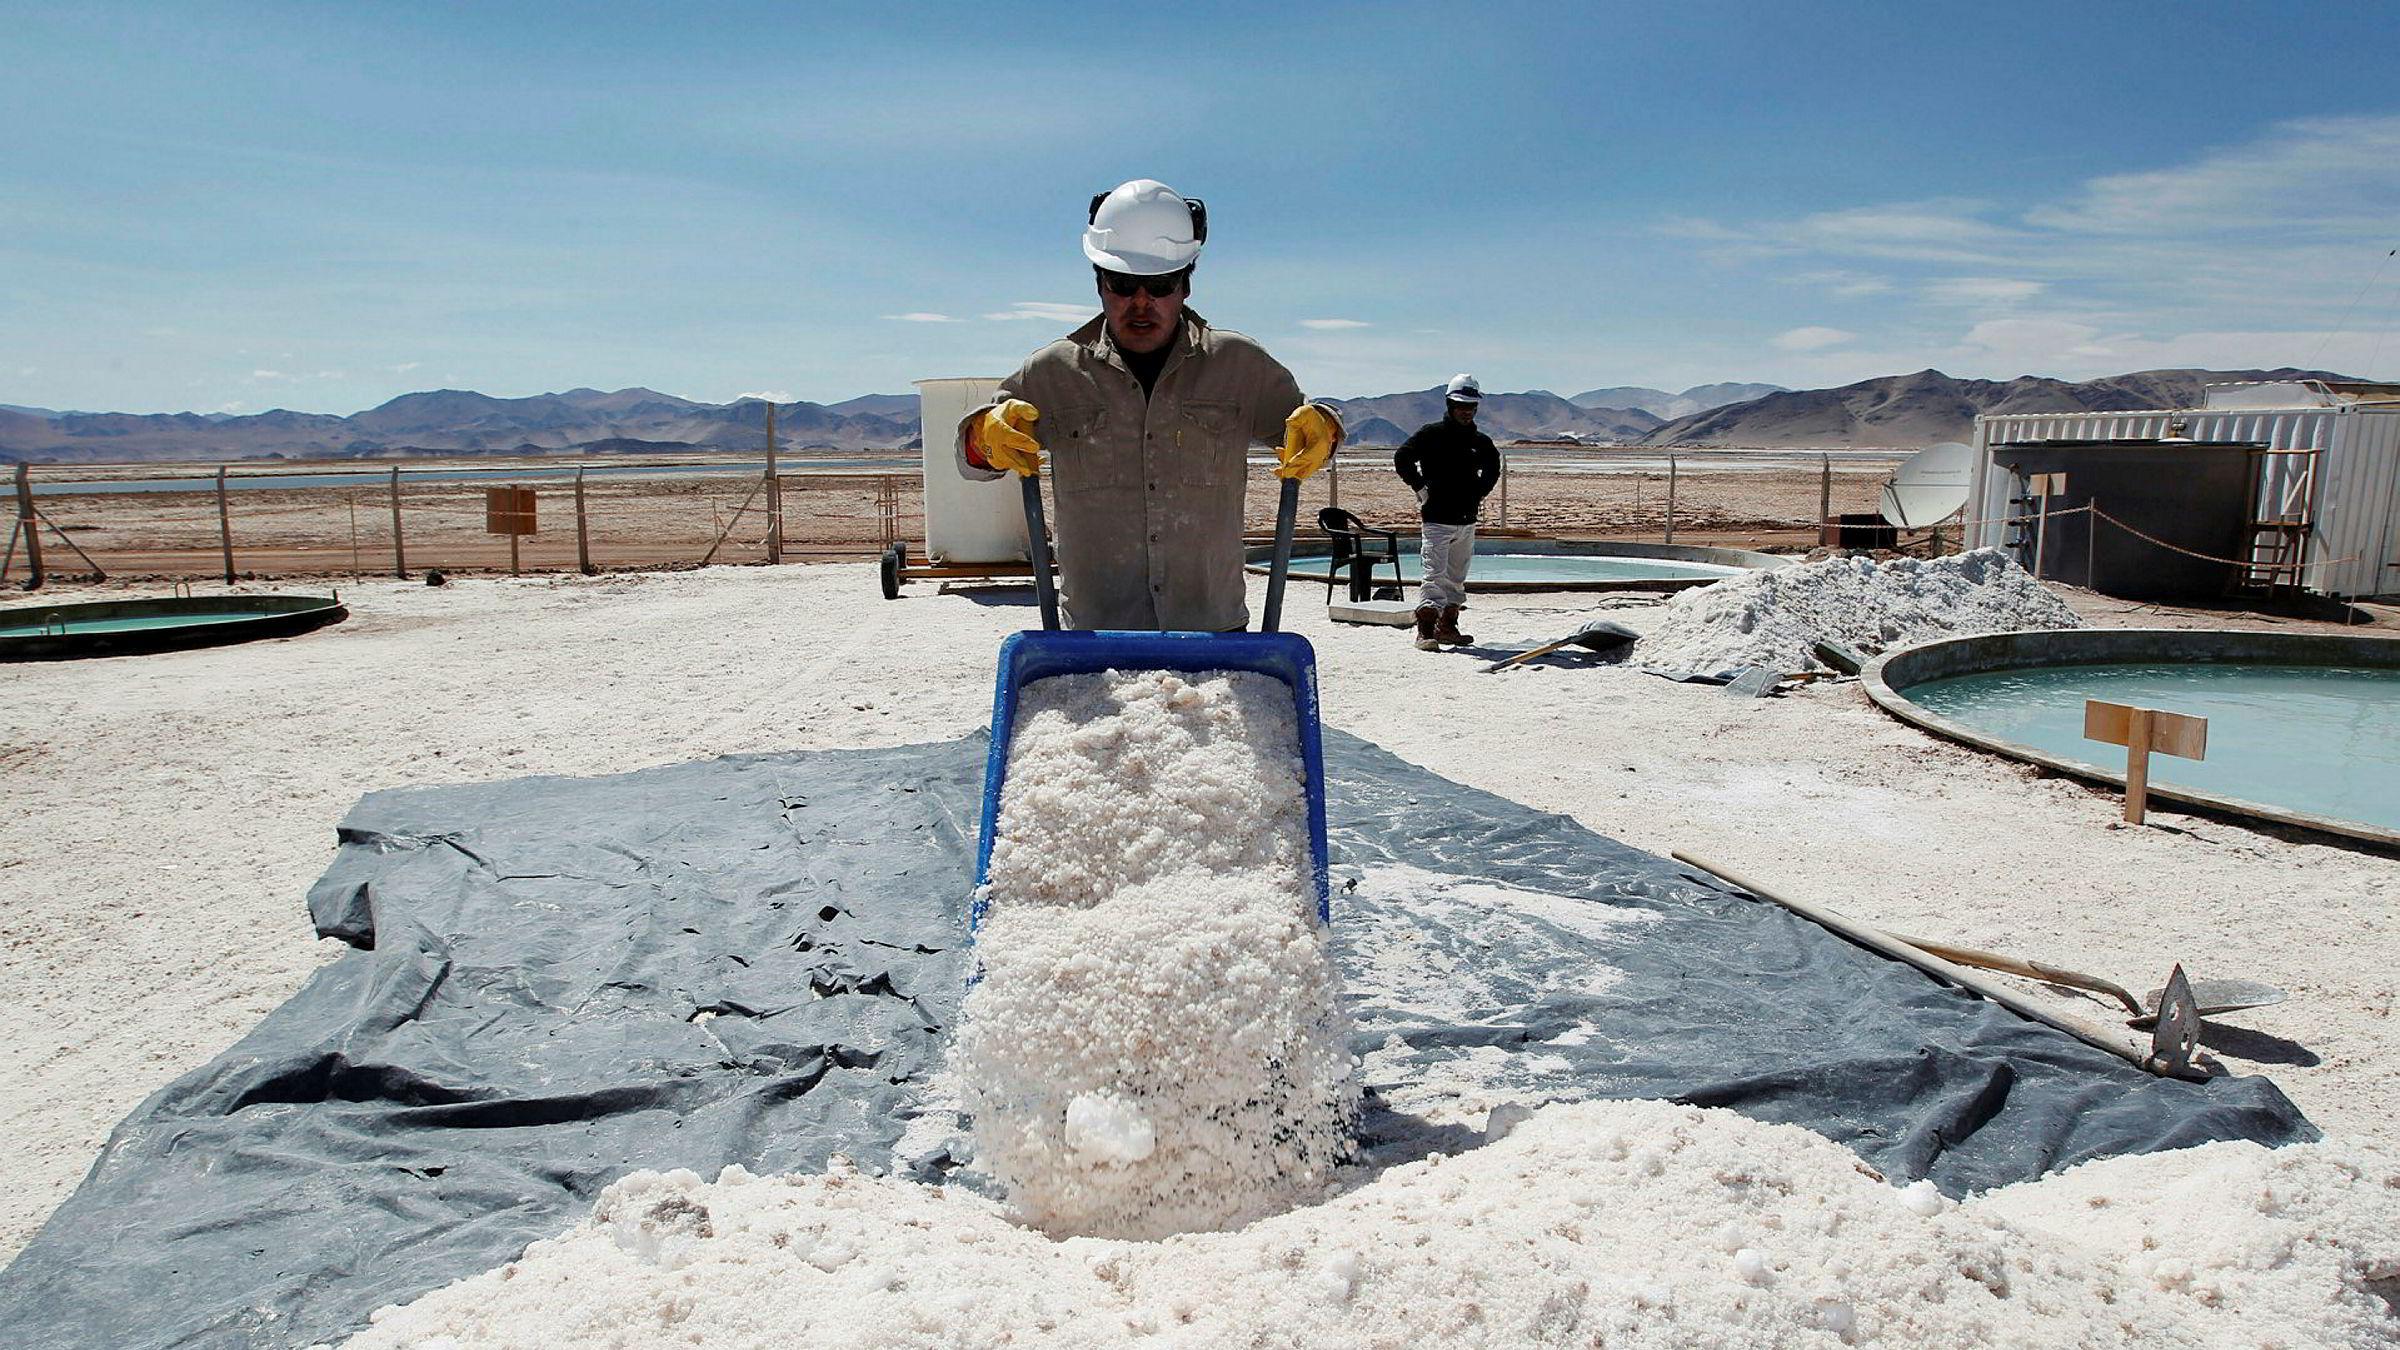 Argentina har verdens største påviste reserver med litium, som her på 4000 meter over havet i saltørkenfjellene. Braulio Lopez i det australske selskapet Galaxy Resources jobber her med utvinning av litium.